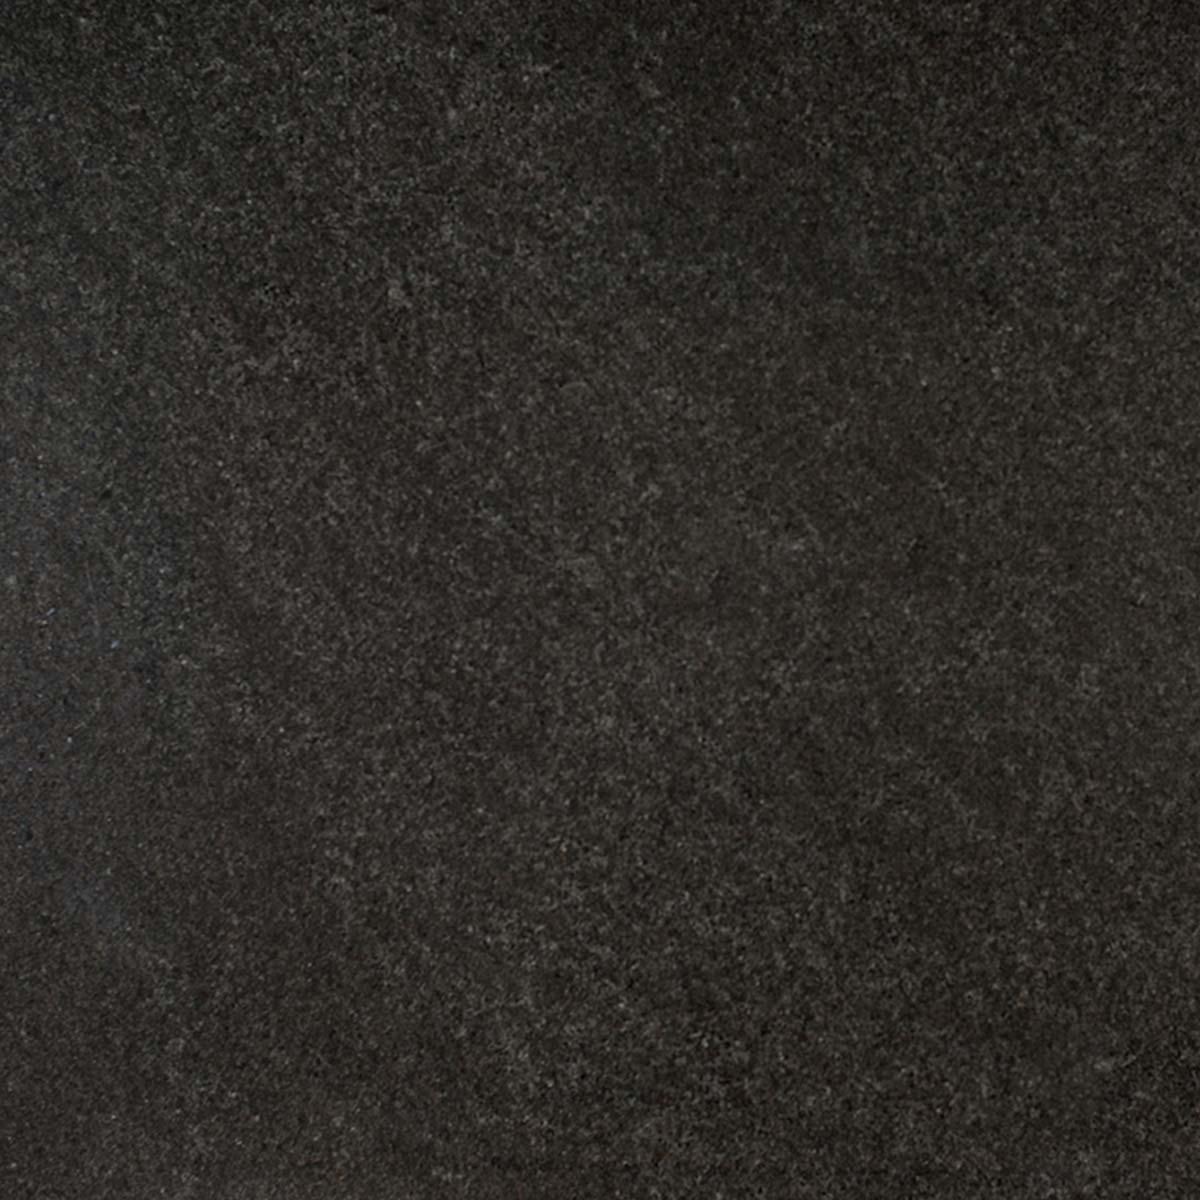 Granito-Negro-Santo-Domingo